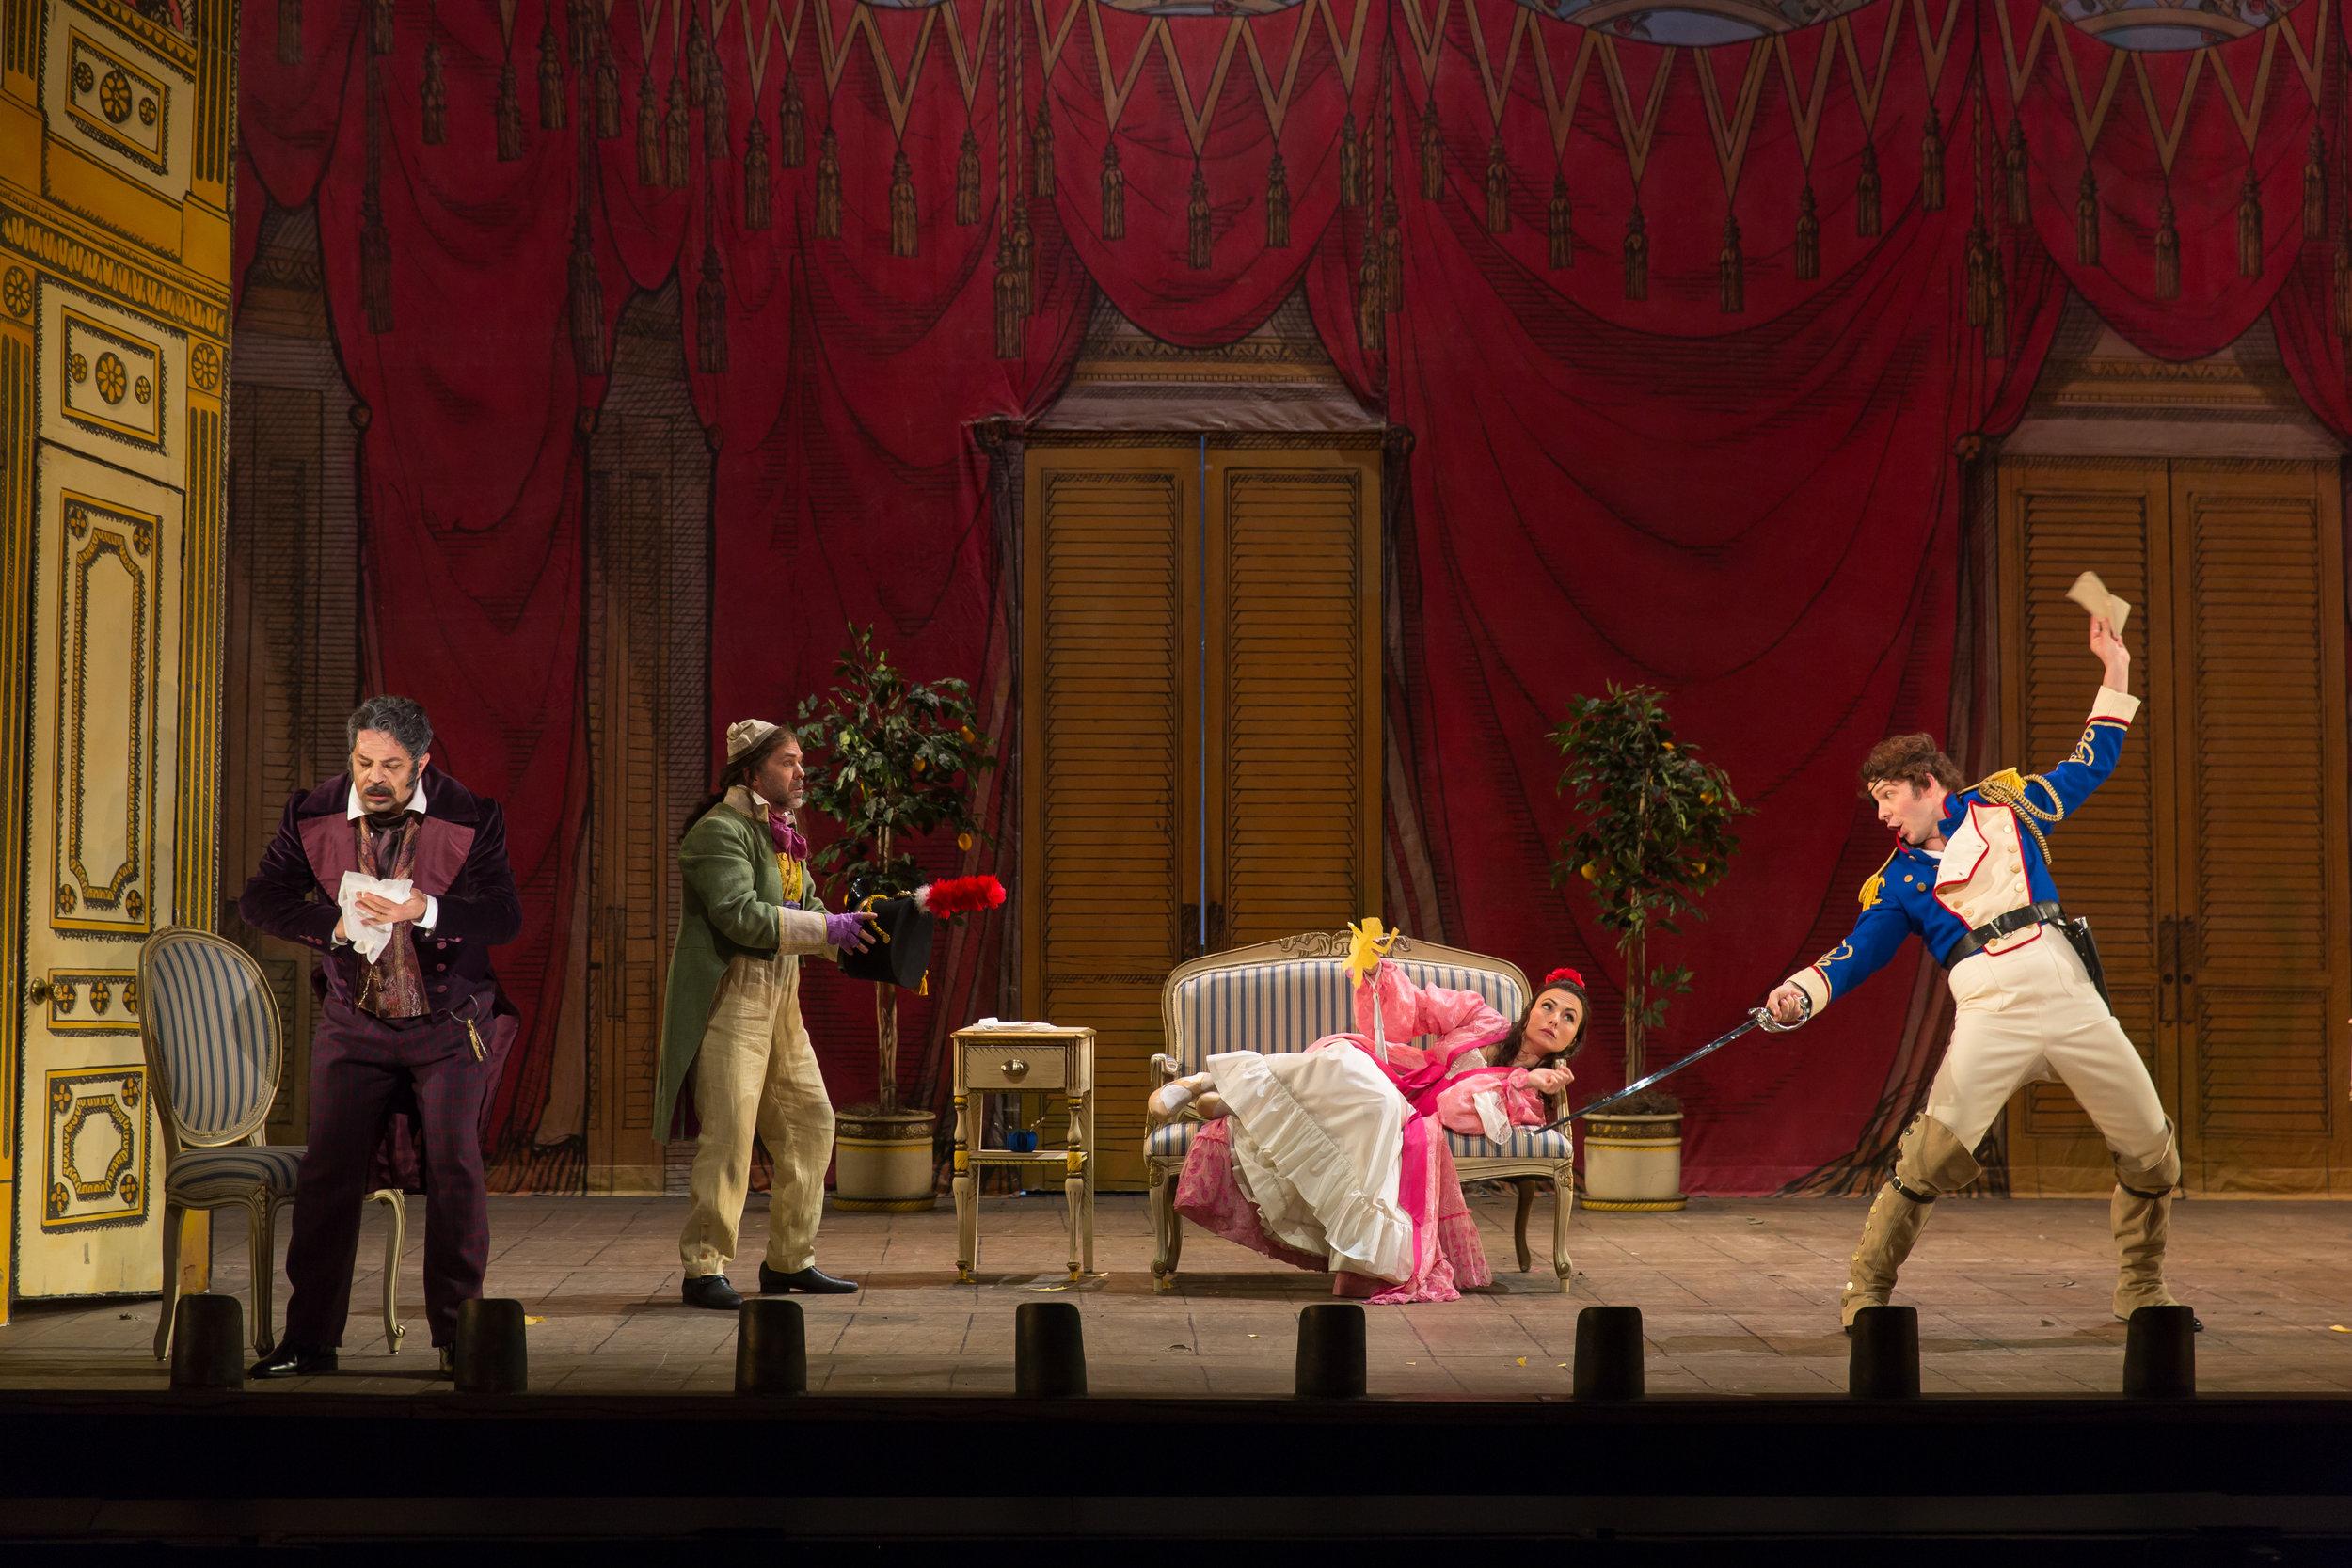 Dr. Bartolo (Paolo Bordogna), Ambrogio (Matthew Pauli), Rosina (Isabel Leonard), and Almavira (Taylor Stayton). Photo by Scott Suchman; courtesy of Washington National Opera.